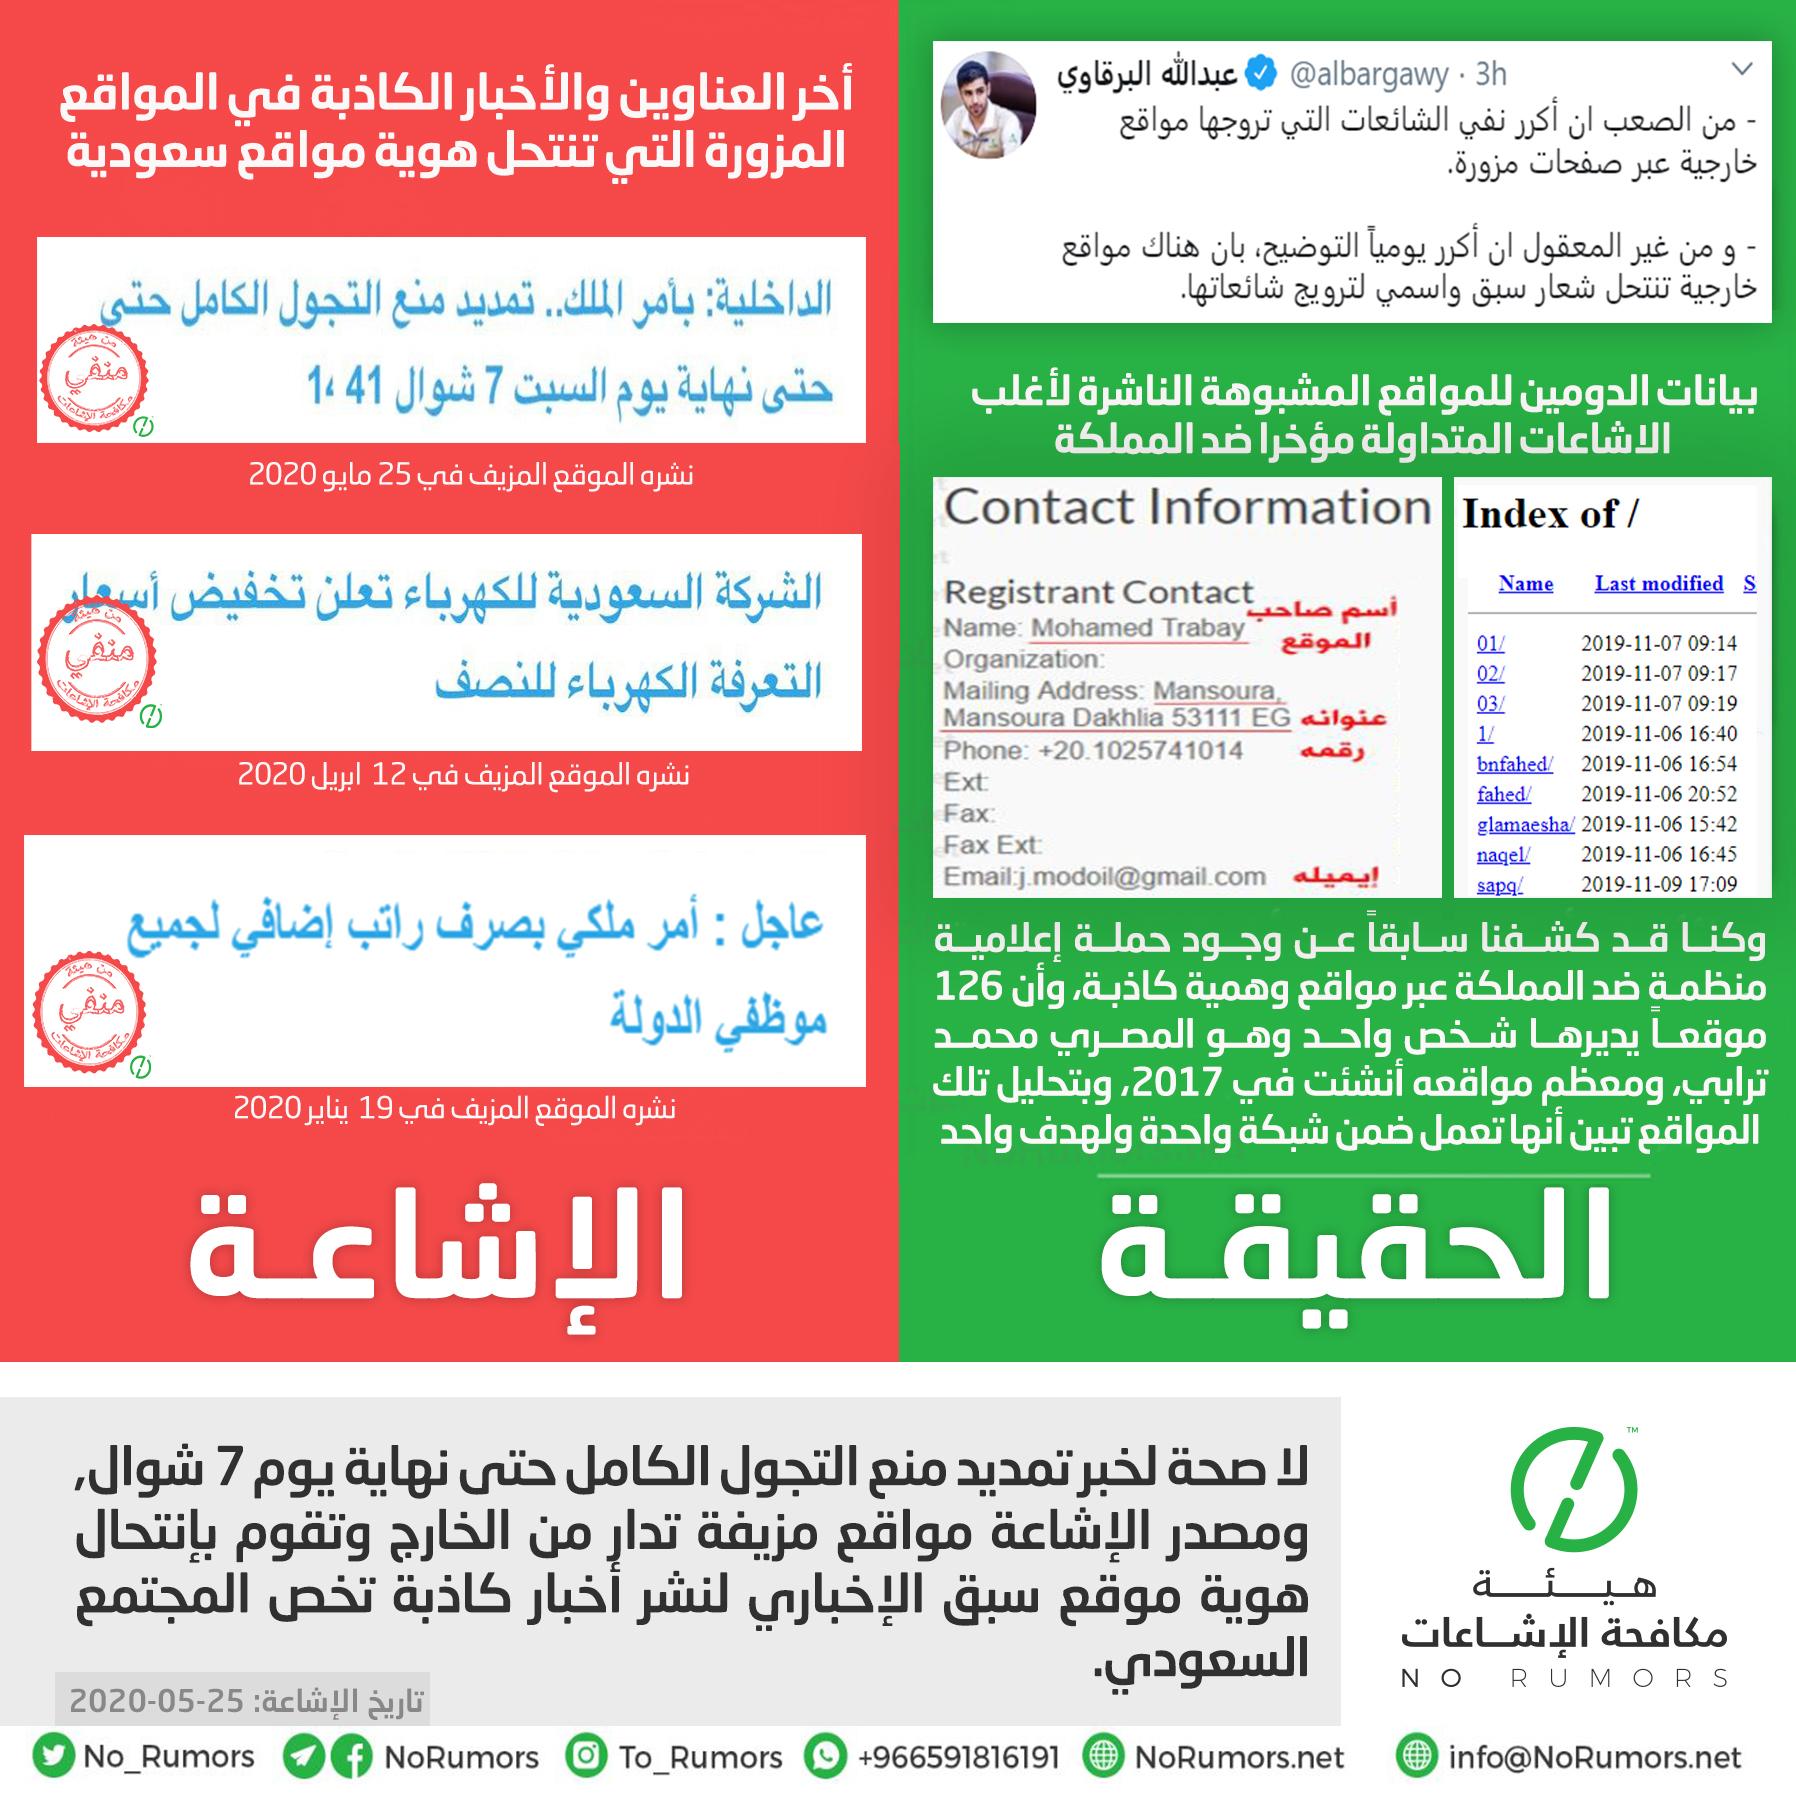 حقيقة  تمديد منع التجول الكامل حتى نهاية يوم 7 شوال في السعودية